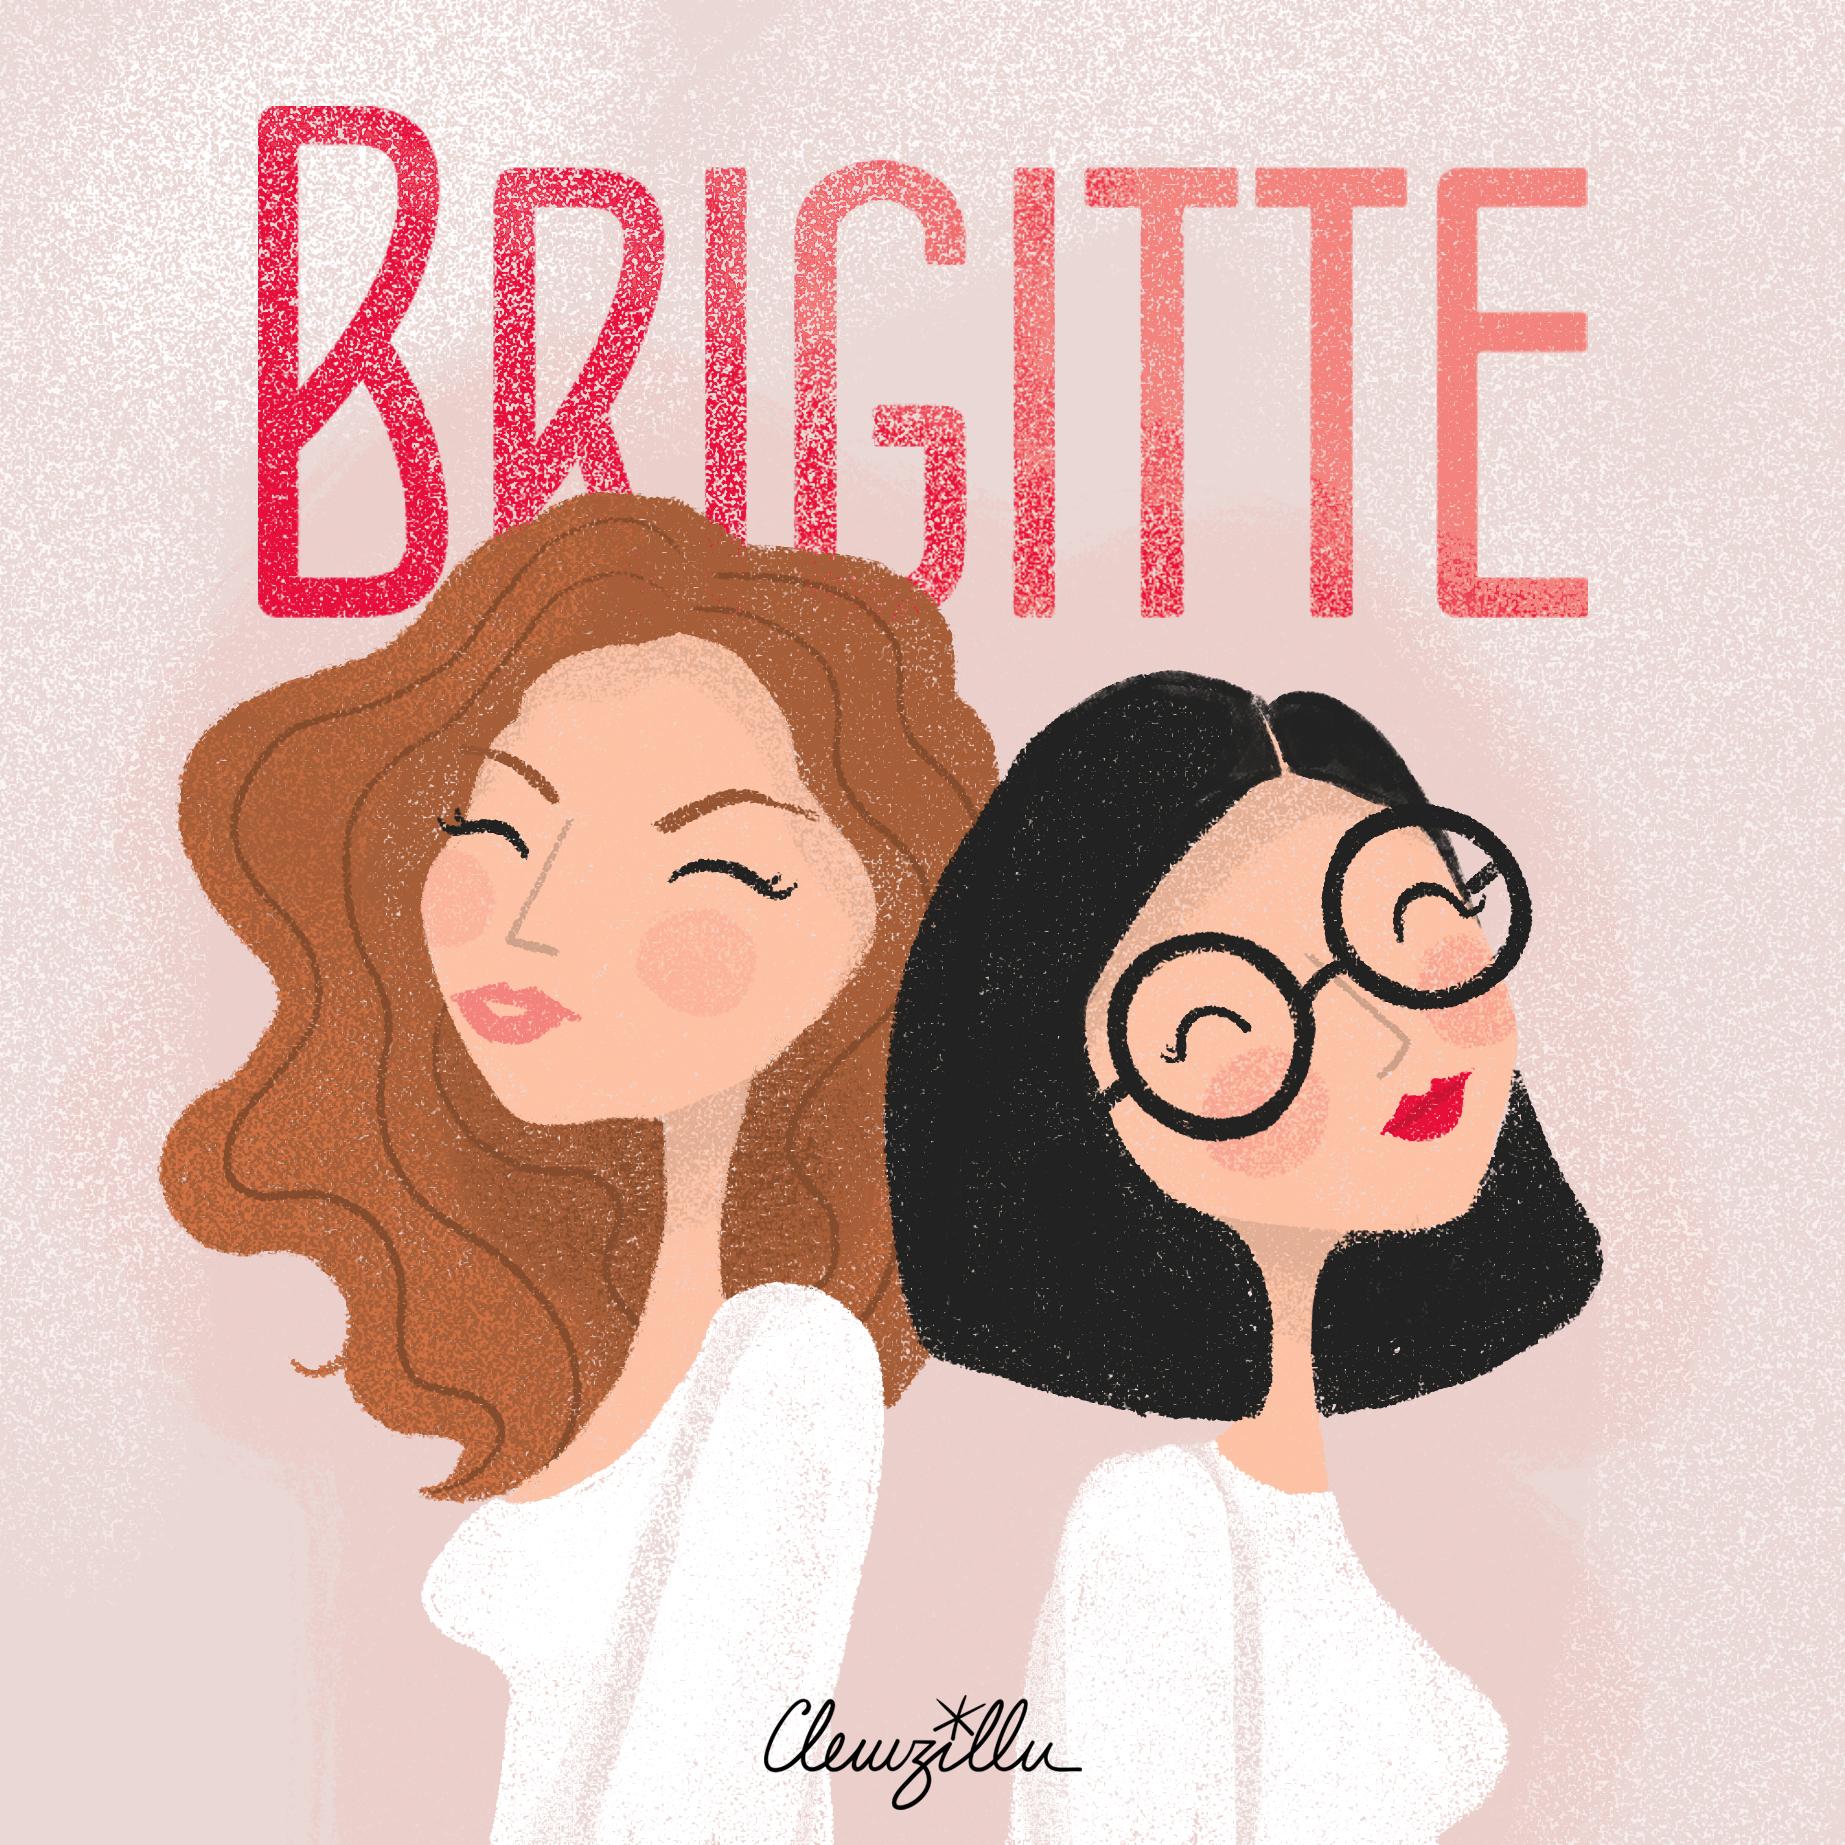 illustration brigitte musique - lyon - paris - france